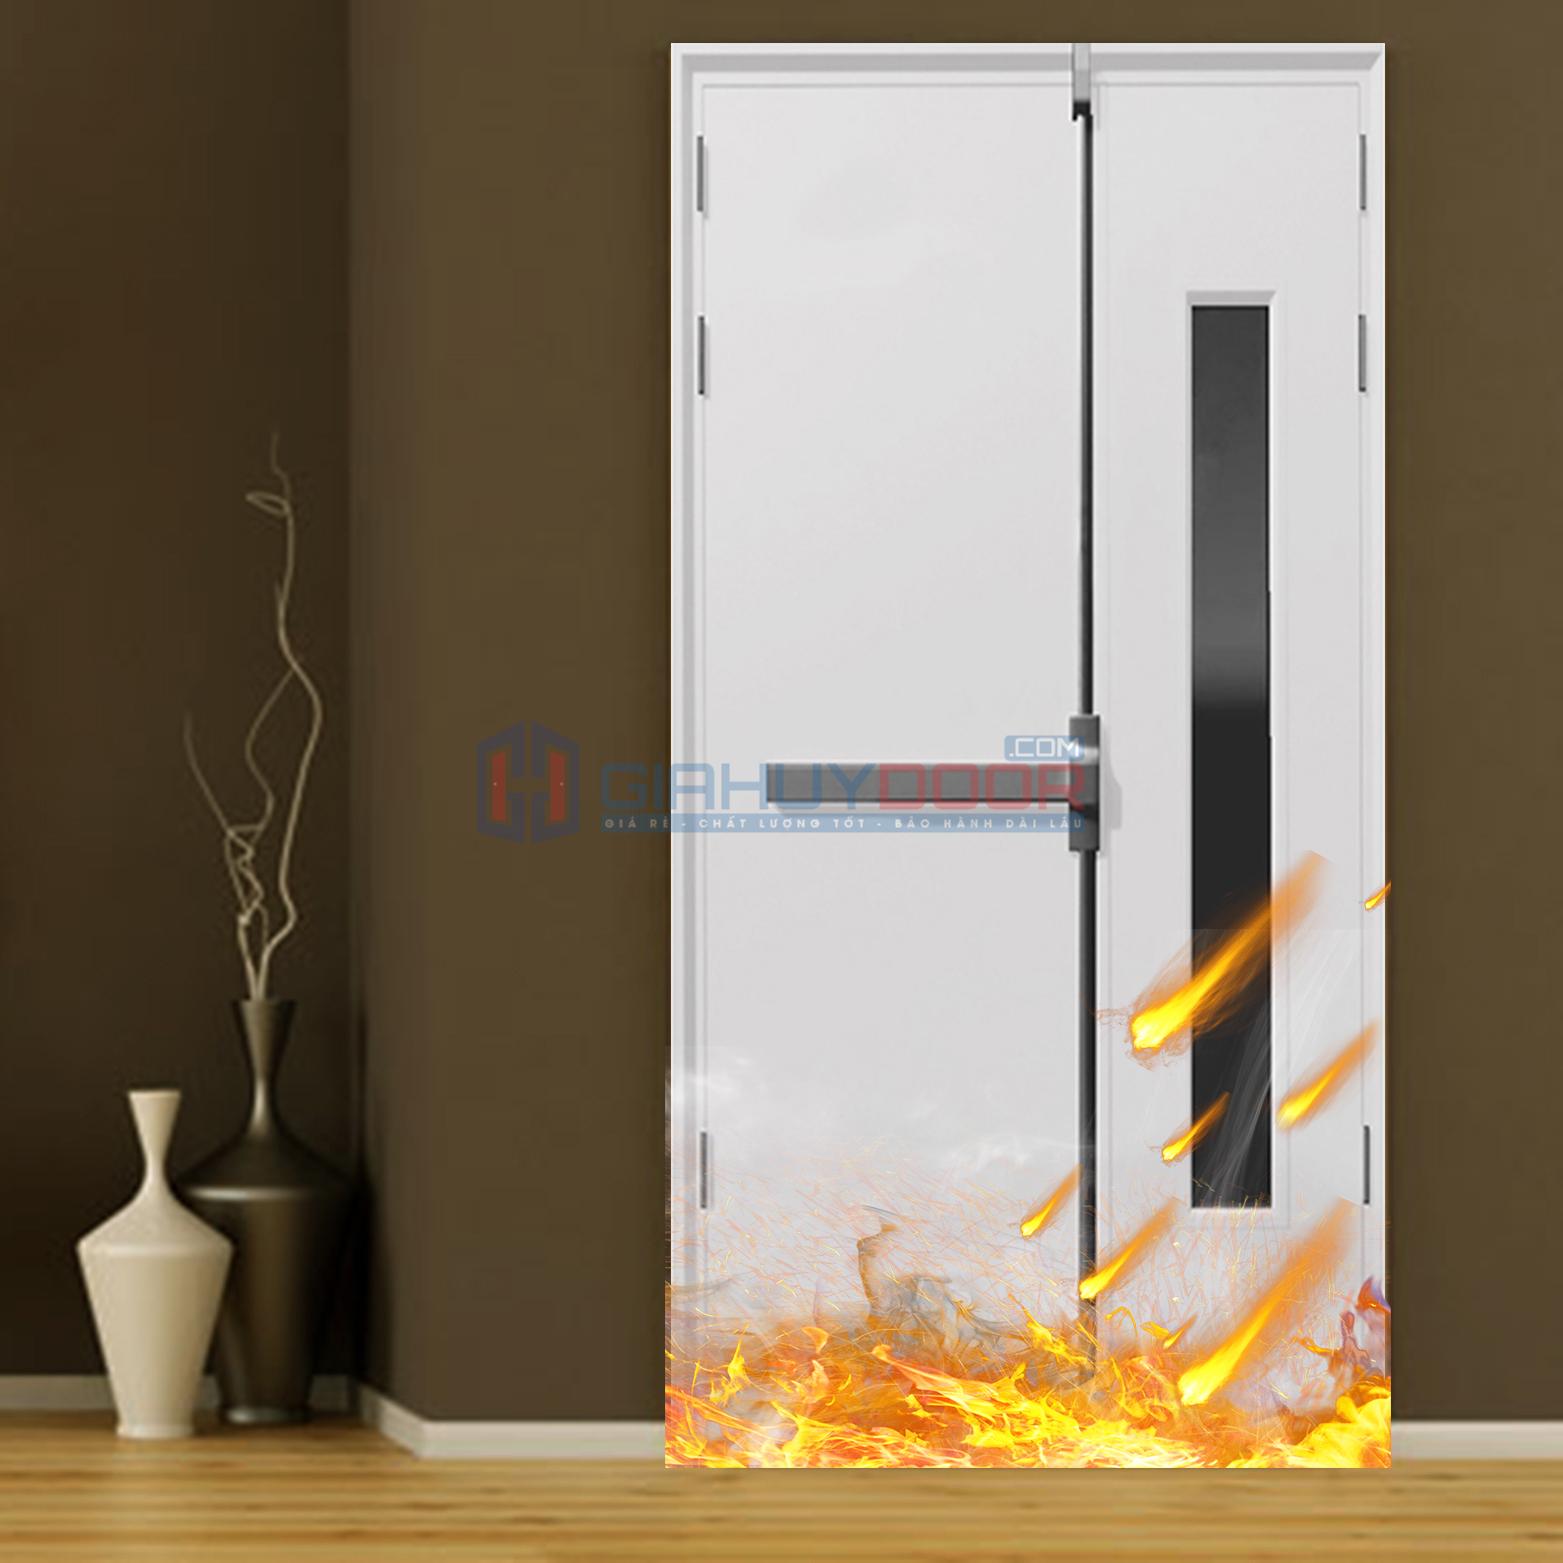 Cửa chống cháy là gì?